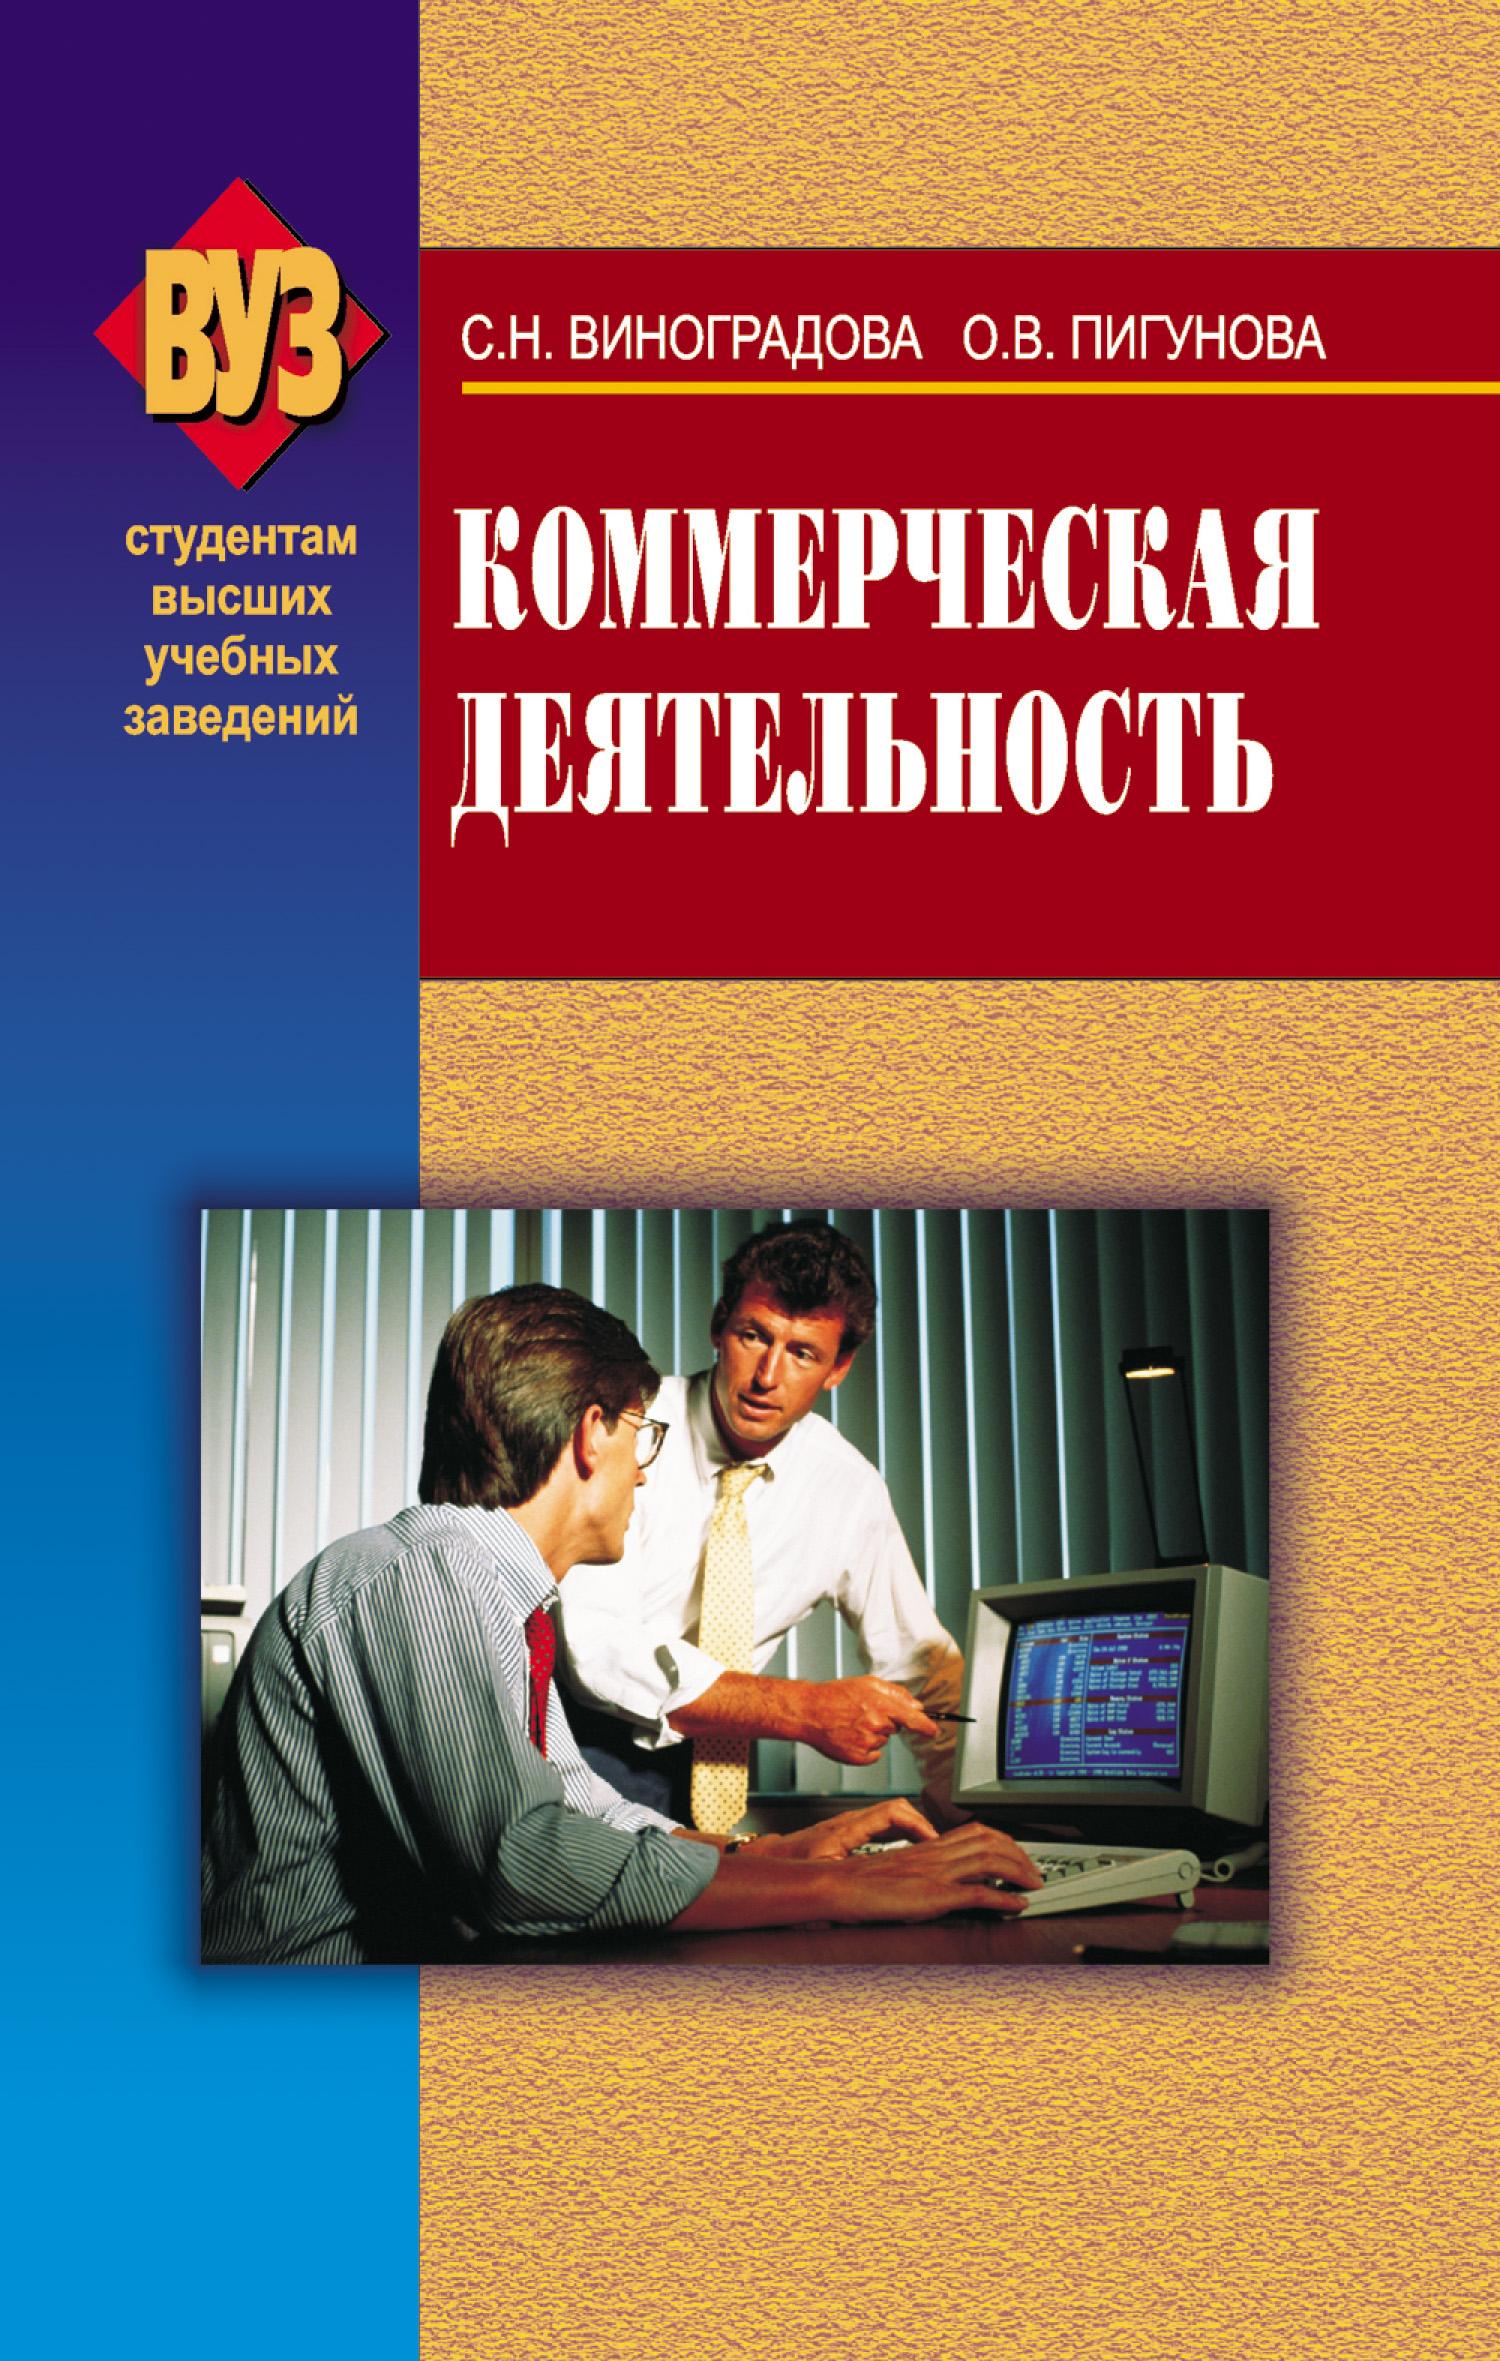 Обложка книги. Автор - Светлана Виноградова